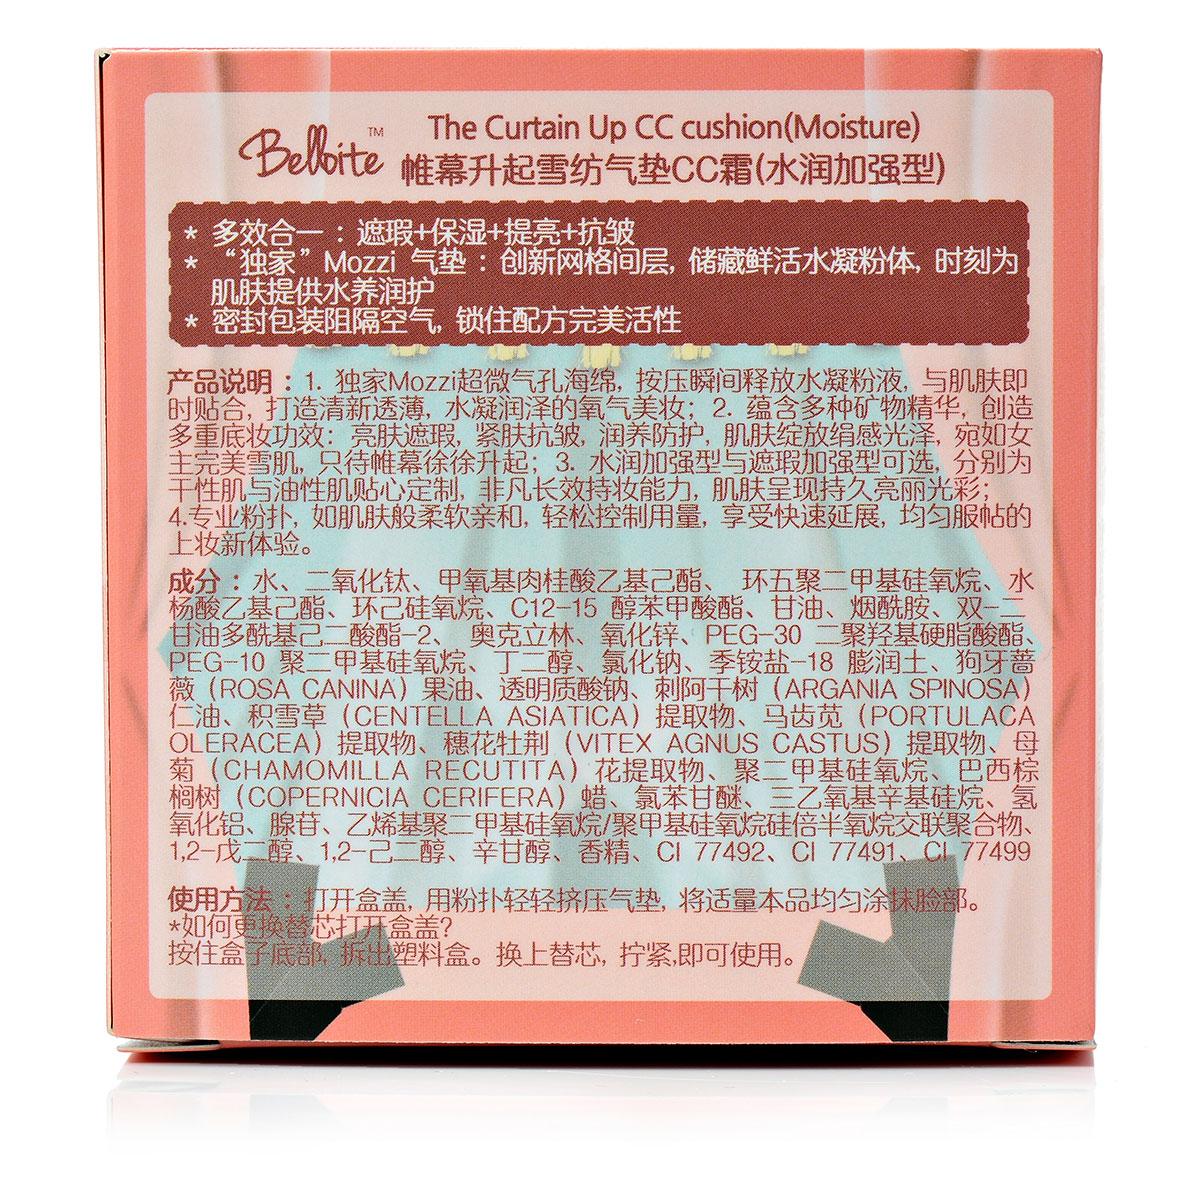 丝芙兰同款气垫belloite贝洛之舞水润加强遮瑕加强气垫CC 15G+15G优惠券